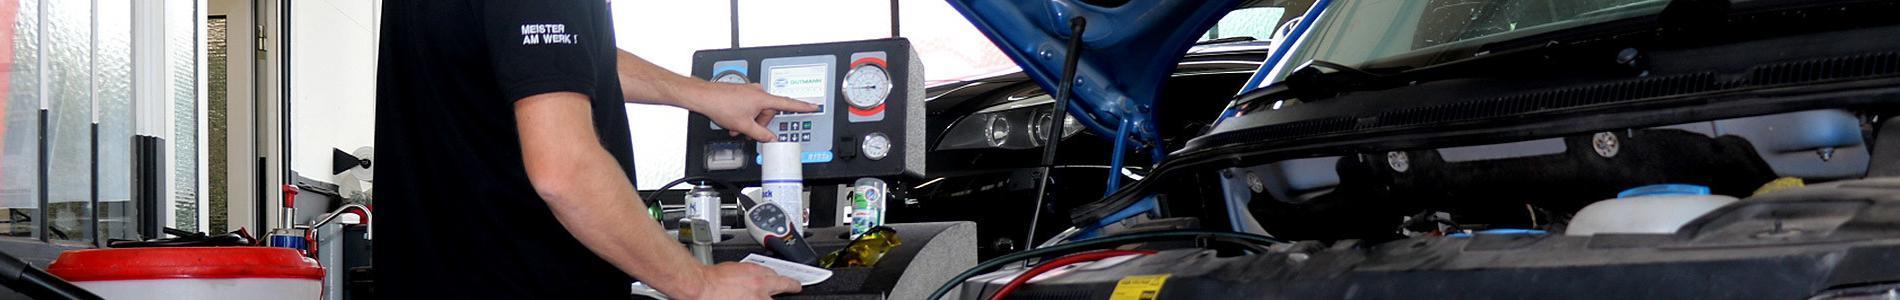 Klimaservice bei Autoservice Keck - bewahren Sie einen kühlen Kopf!